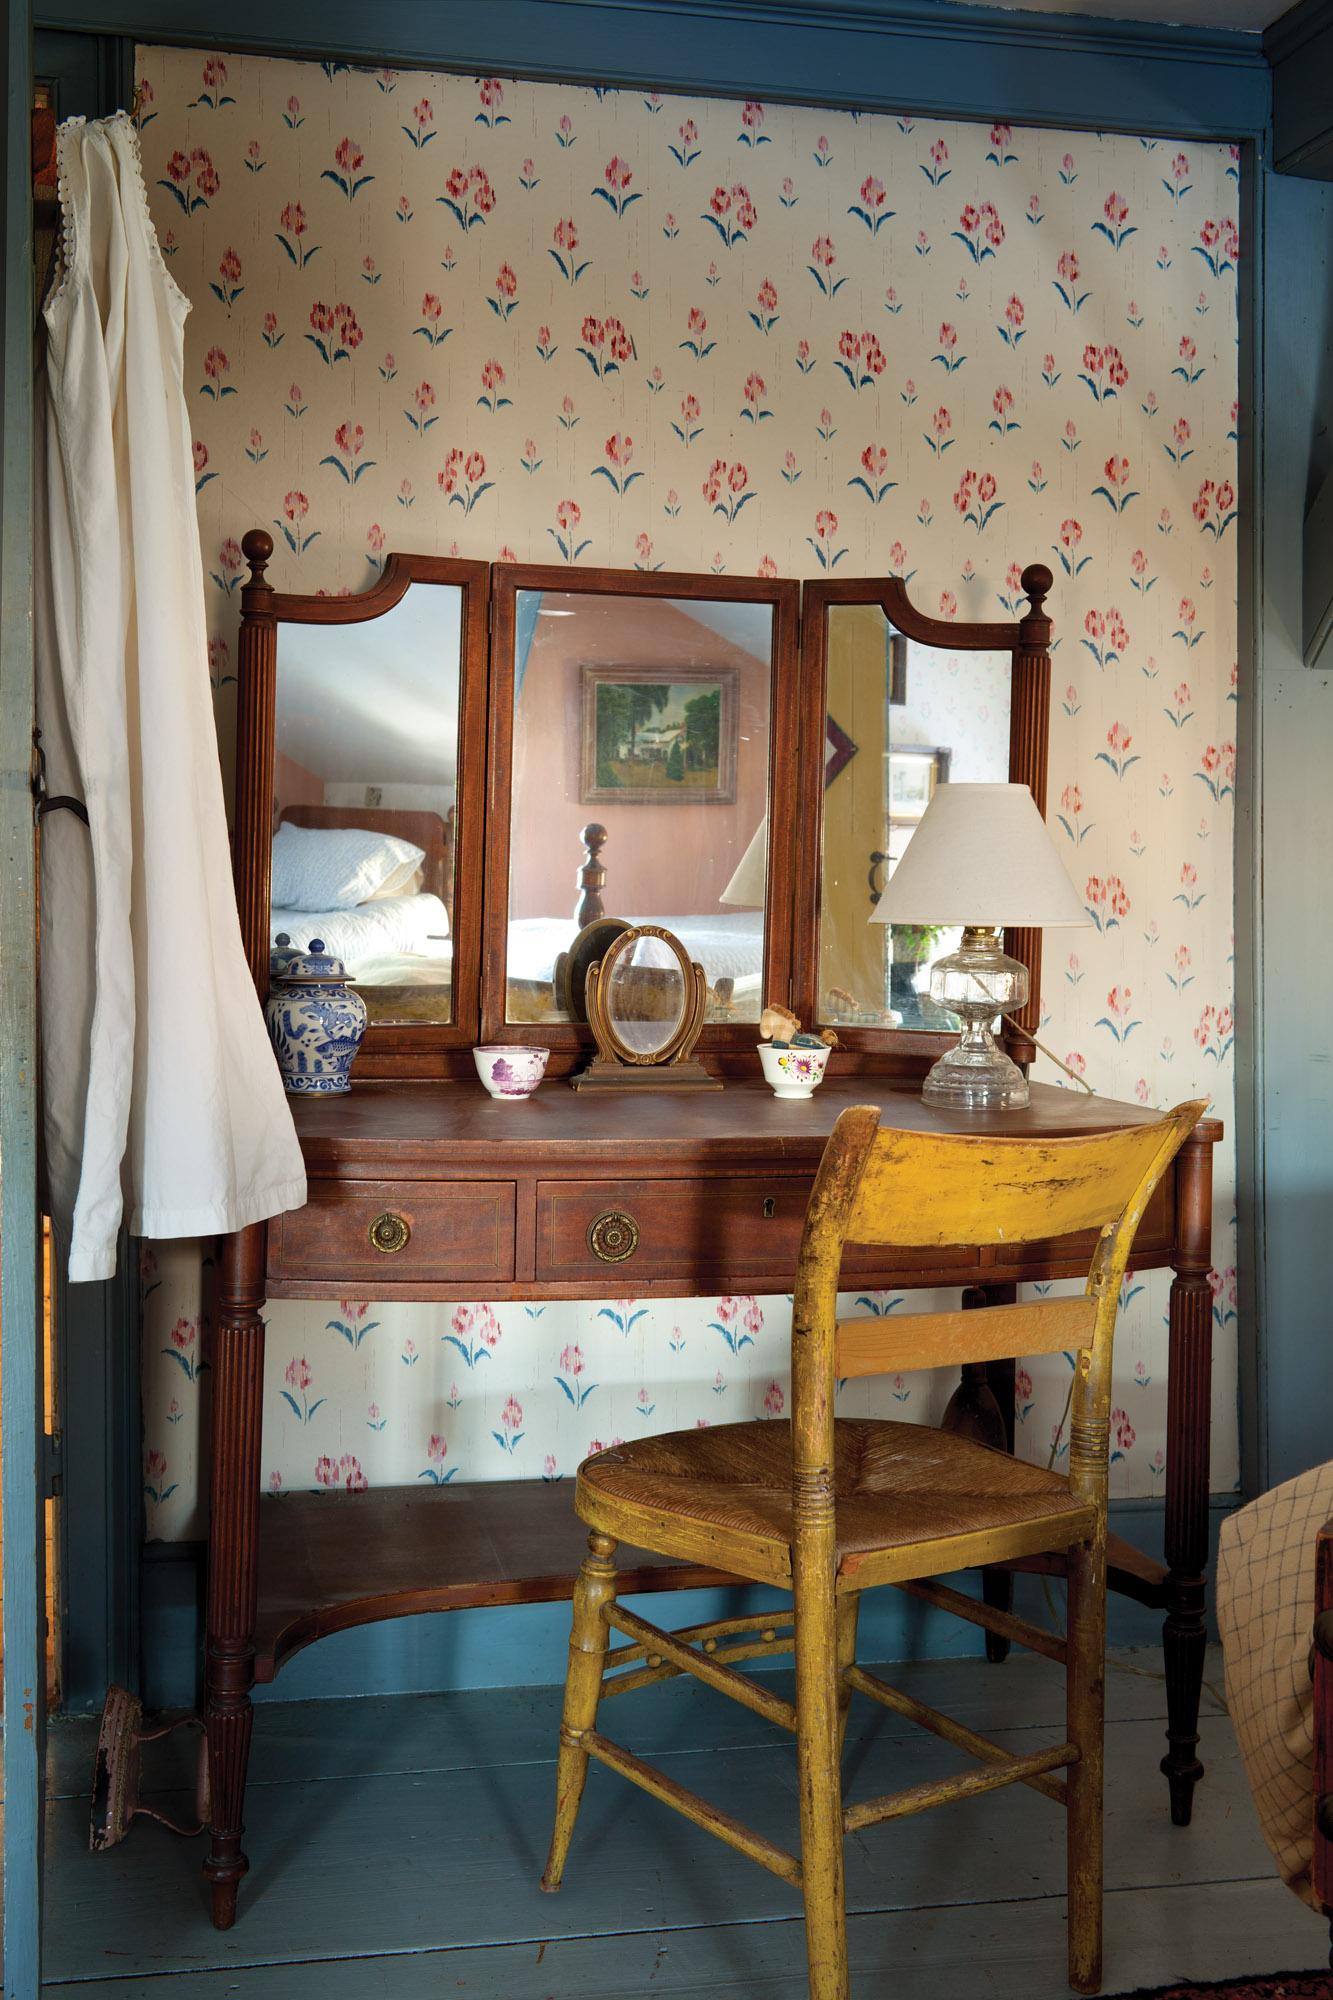 mahogany Sheraton Revival vanity